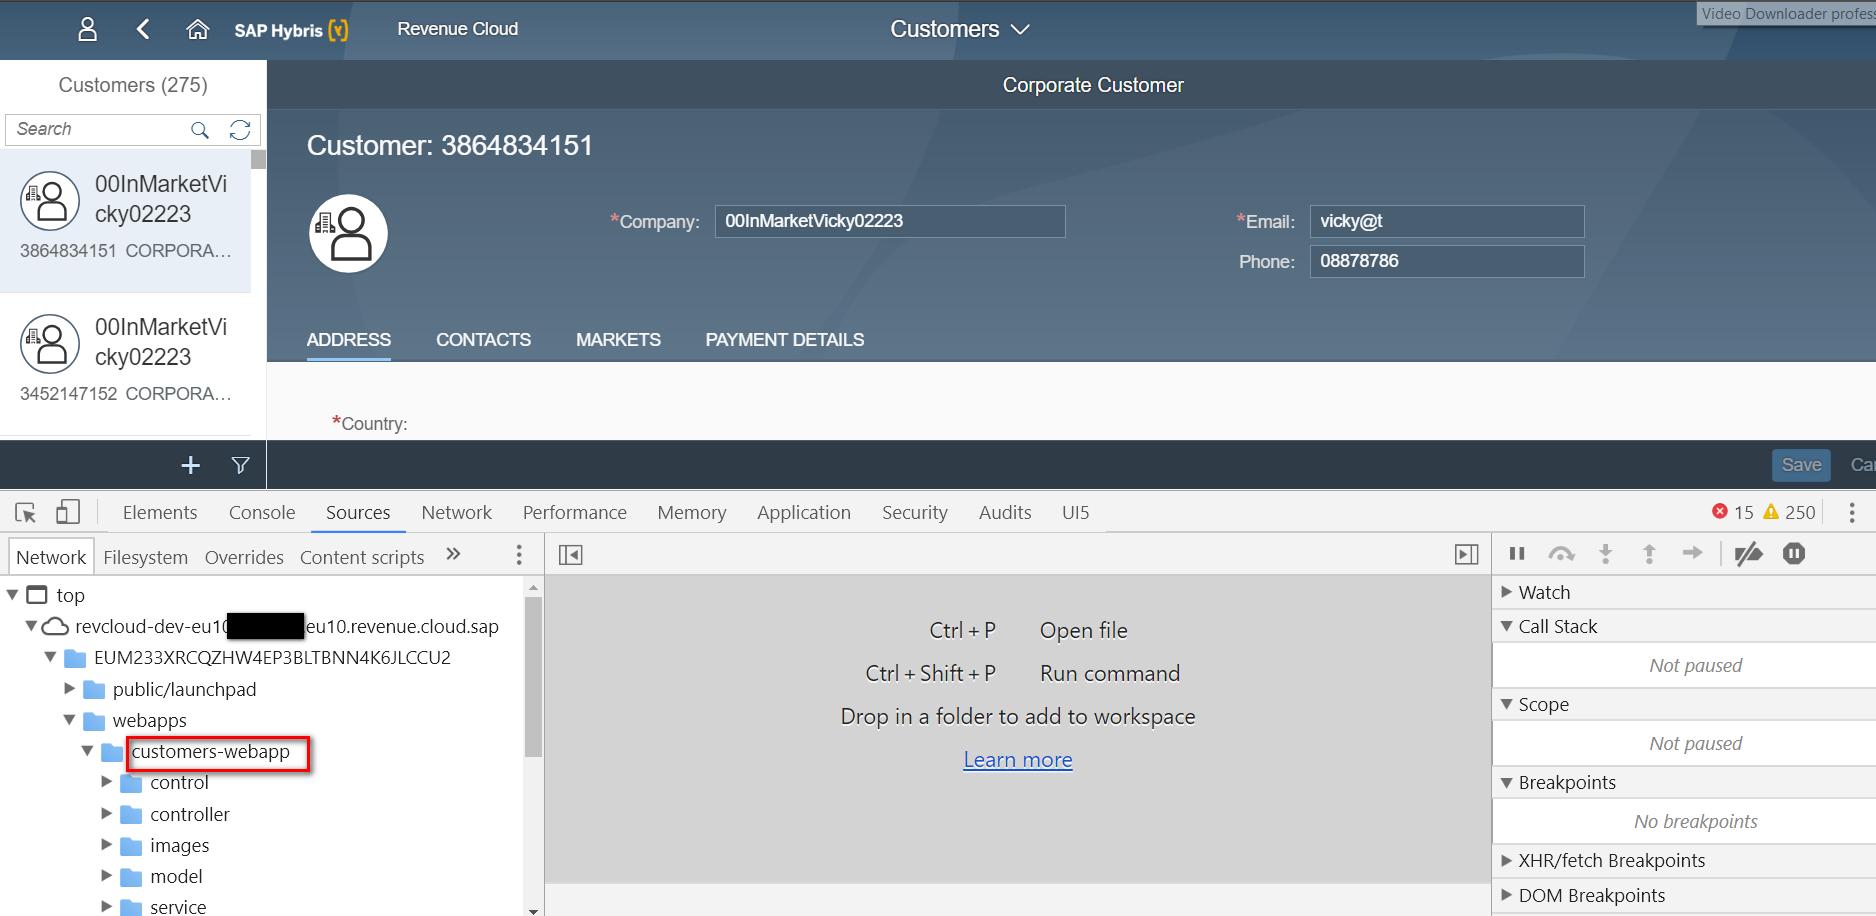 02-customer-revenue-cloud